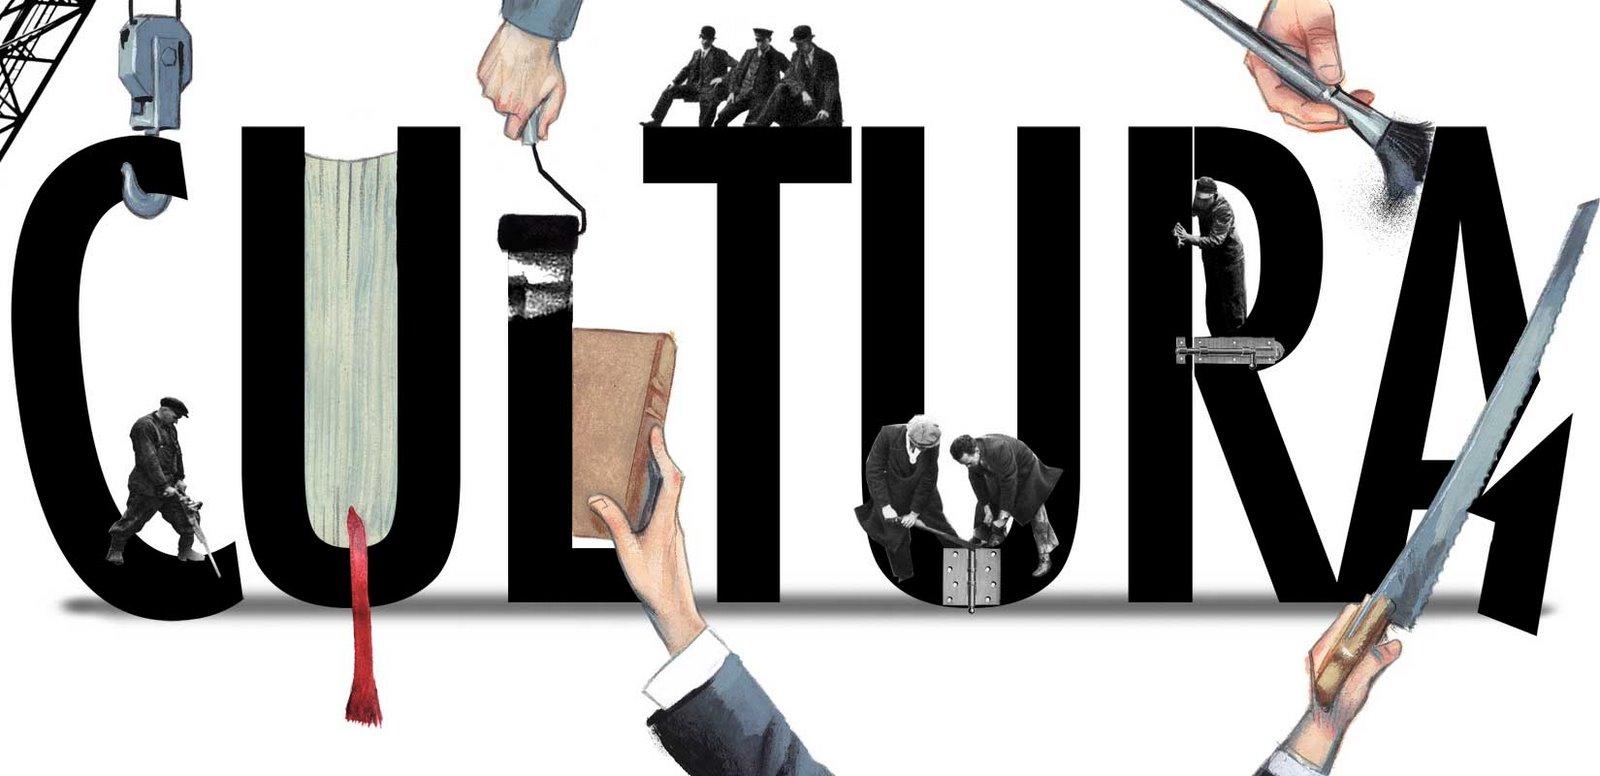 CULTURA: EDUCANDO CON VALORES Y CULTURA